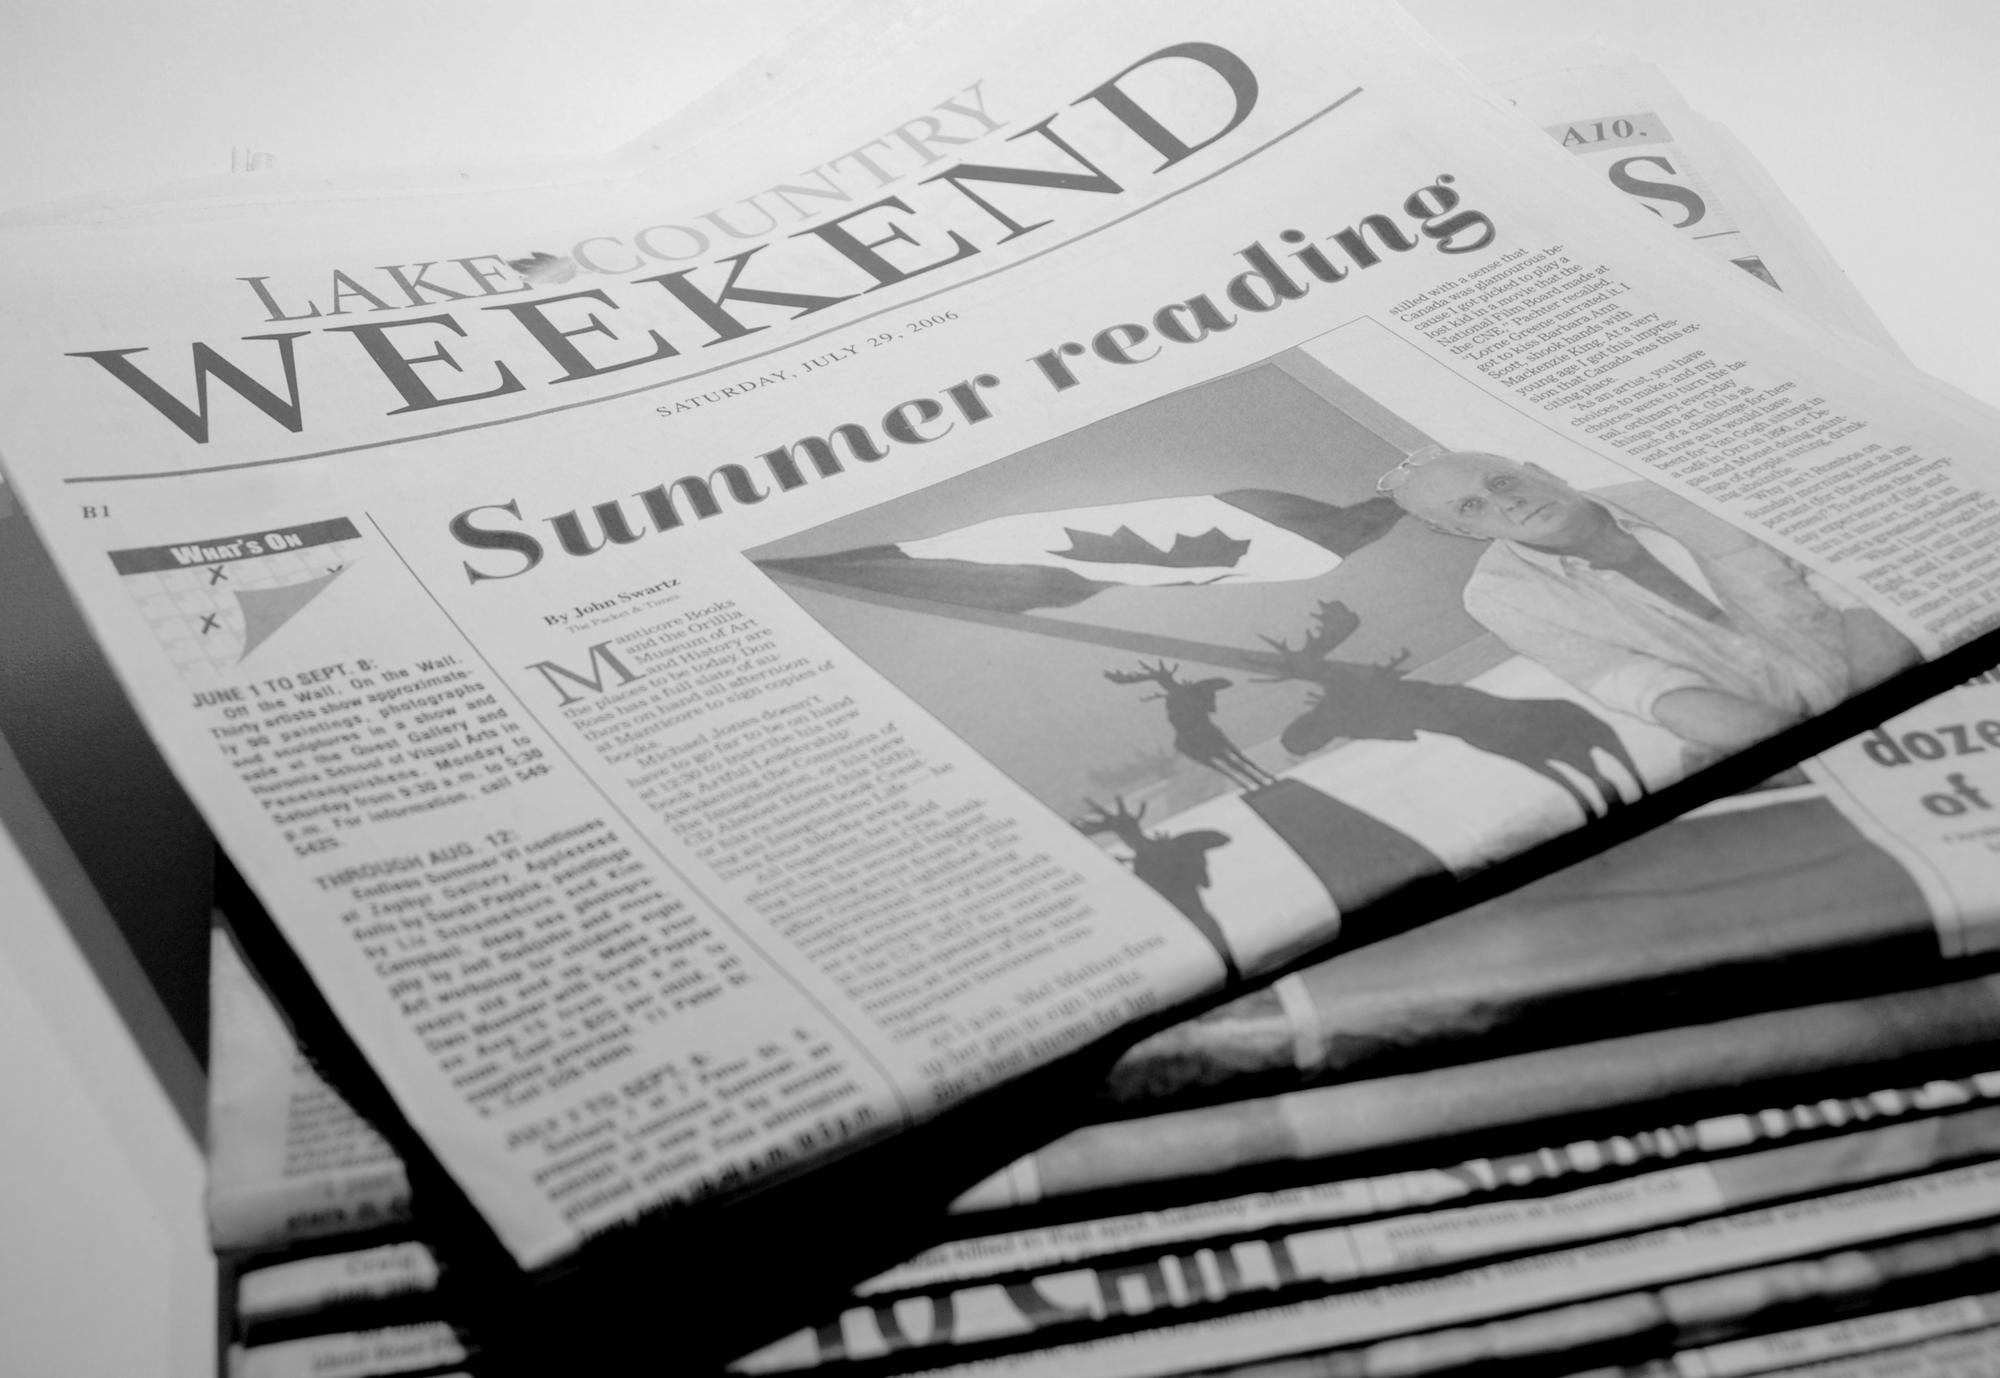 0円でできる掃除!新聞紙を家中に使ってエコクリーニング。